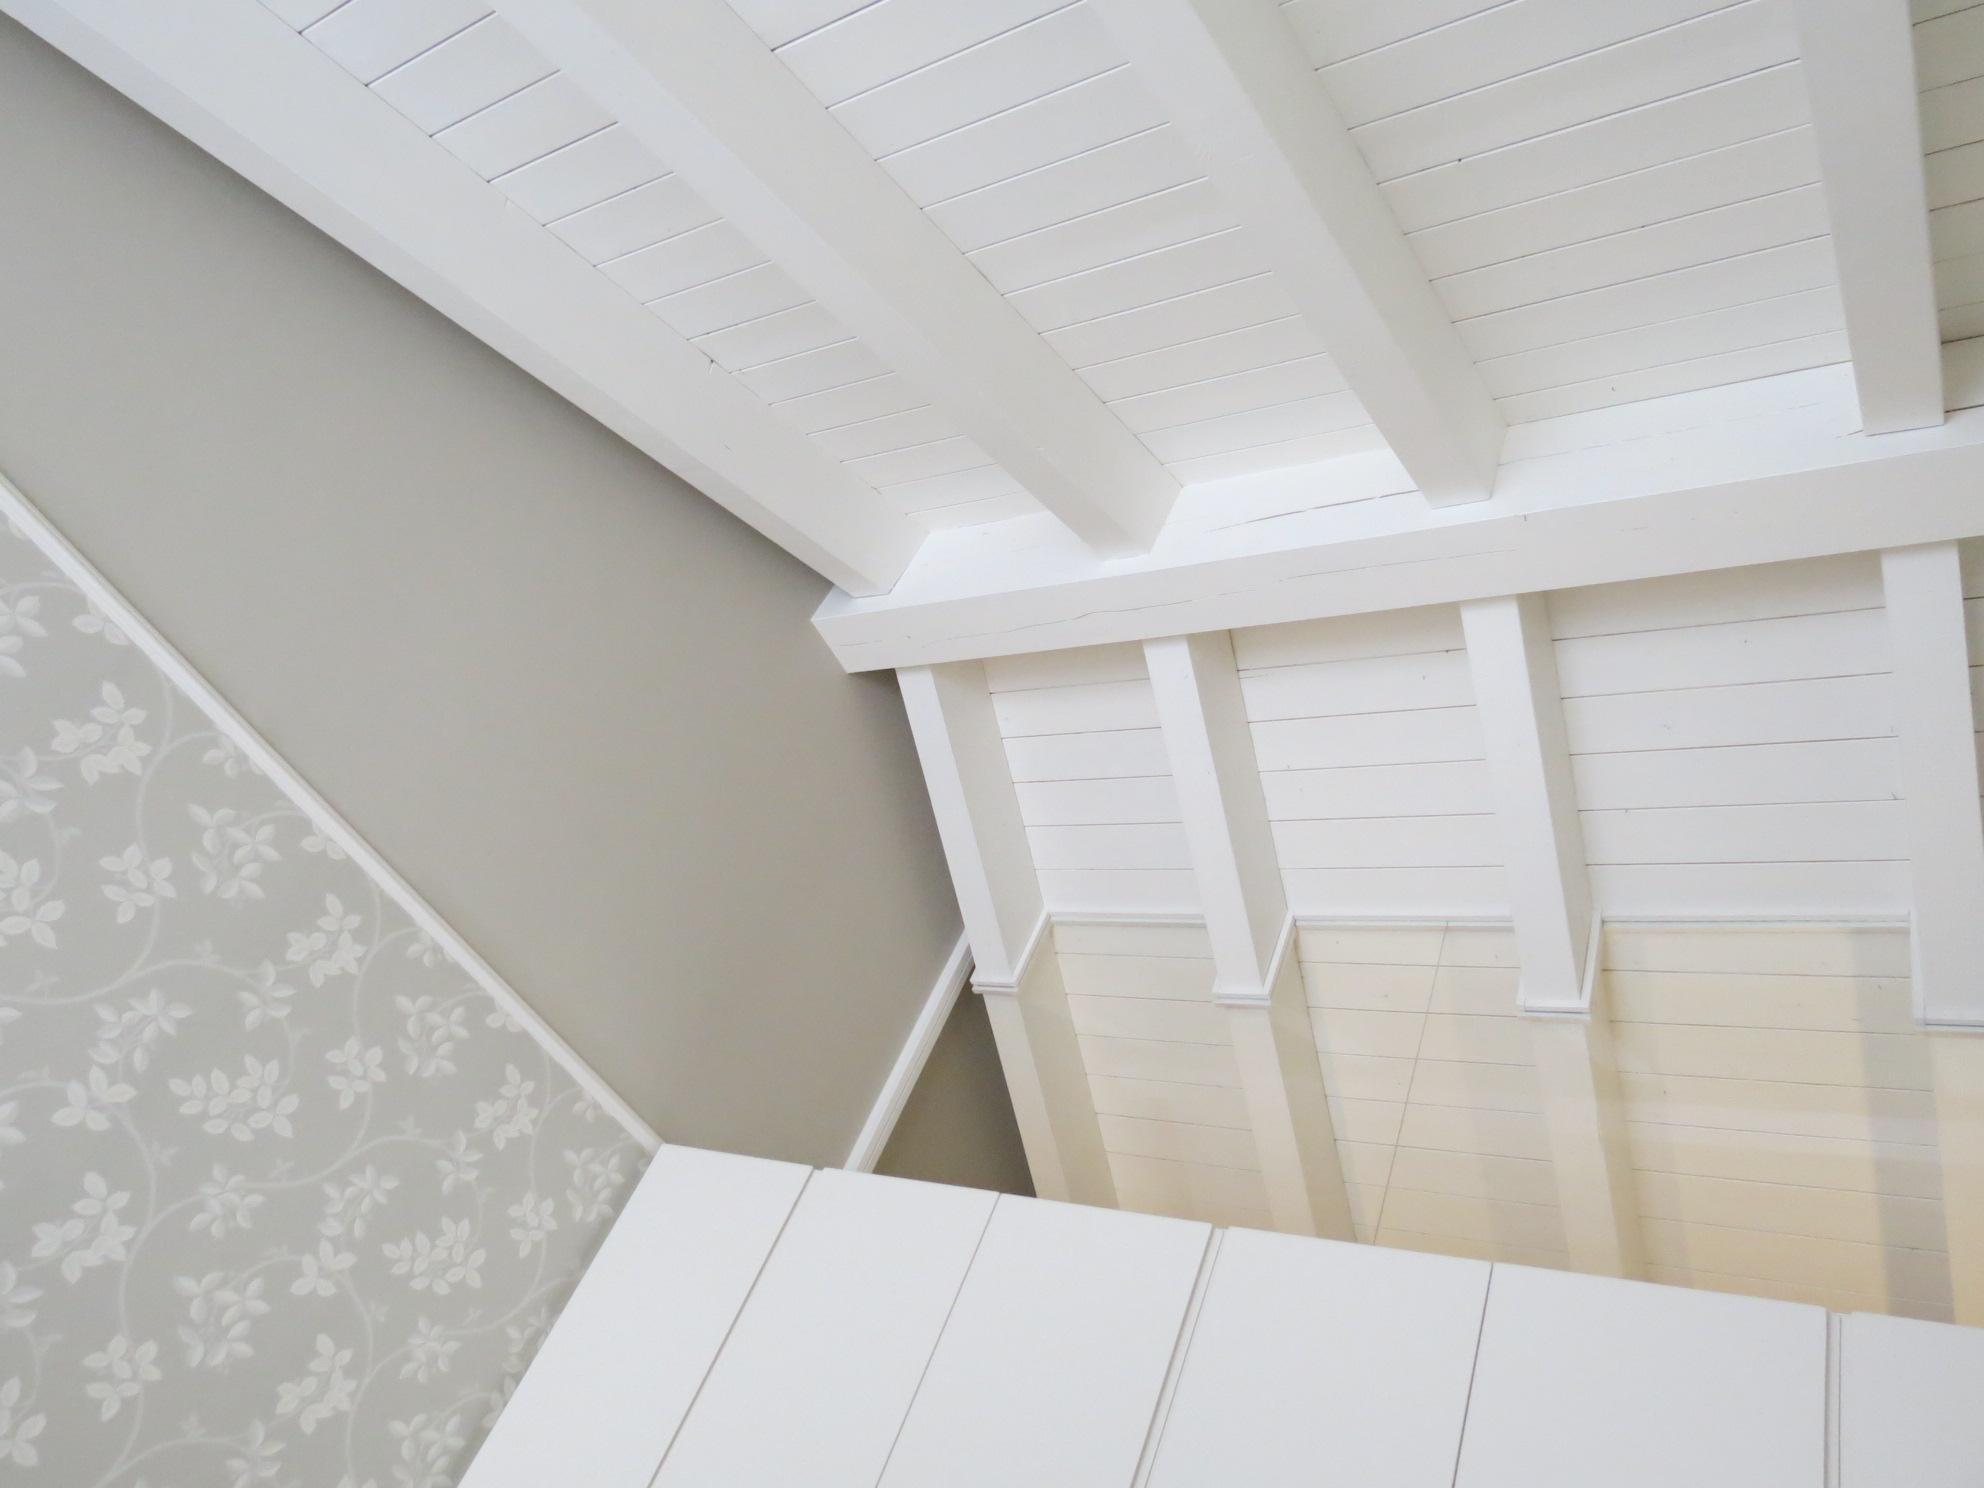 Soffitti In Legno Chiaro : Soffitti in legno bianco awesome interesting soffitti in legno